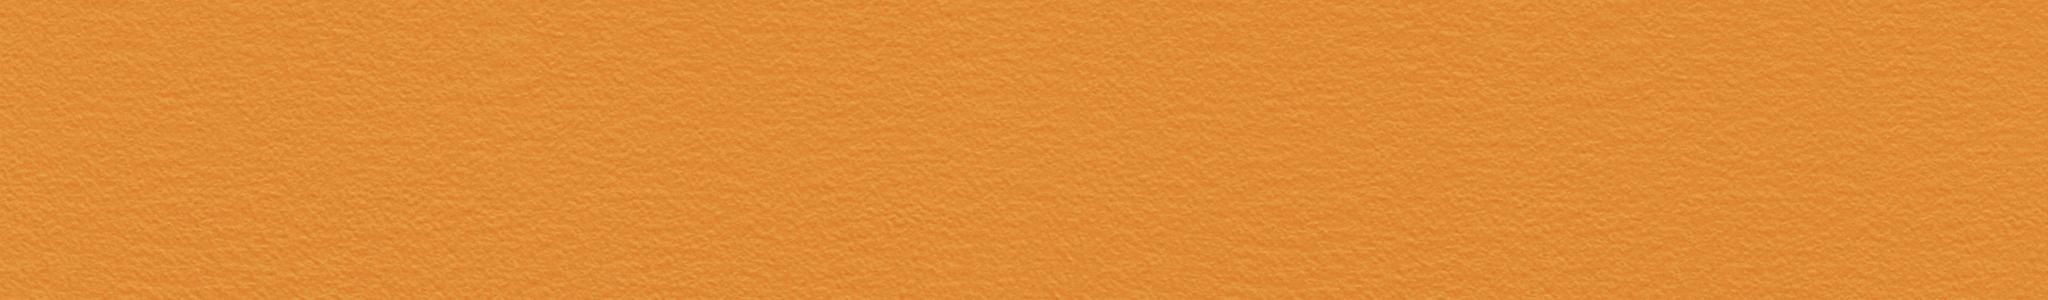 HU 181987 кромка ABS коричневая жемчуг тонкая структура 107